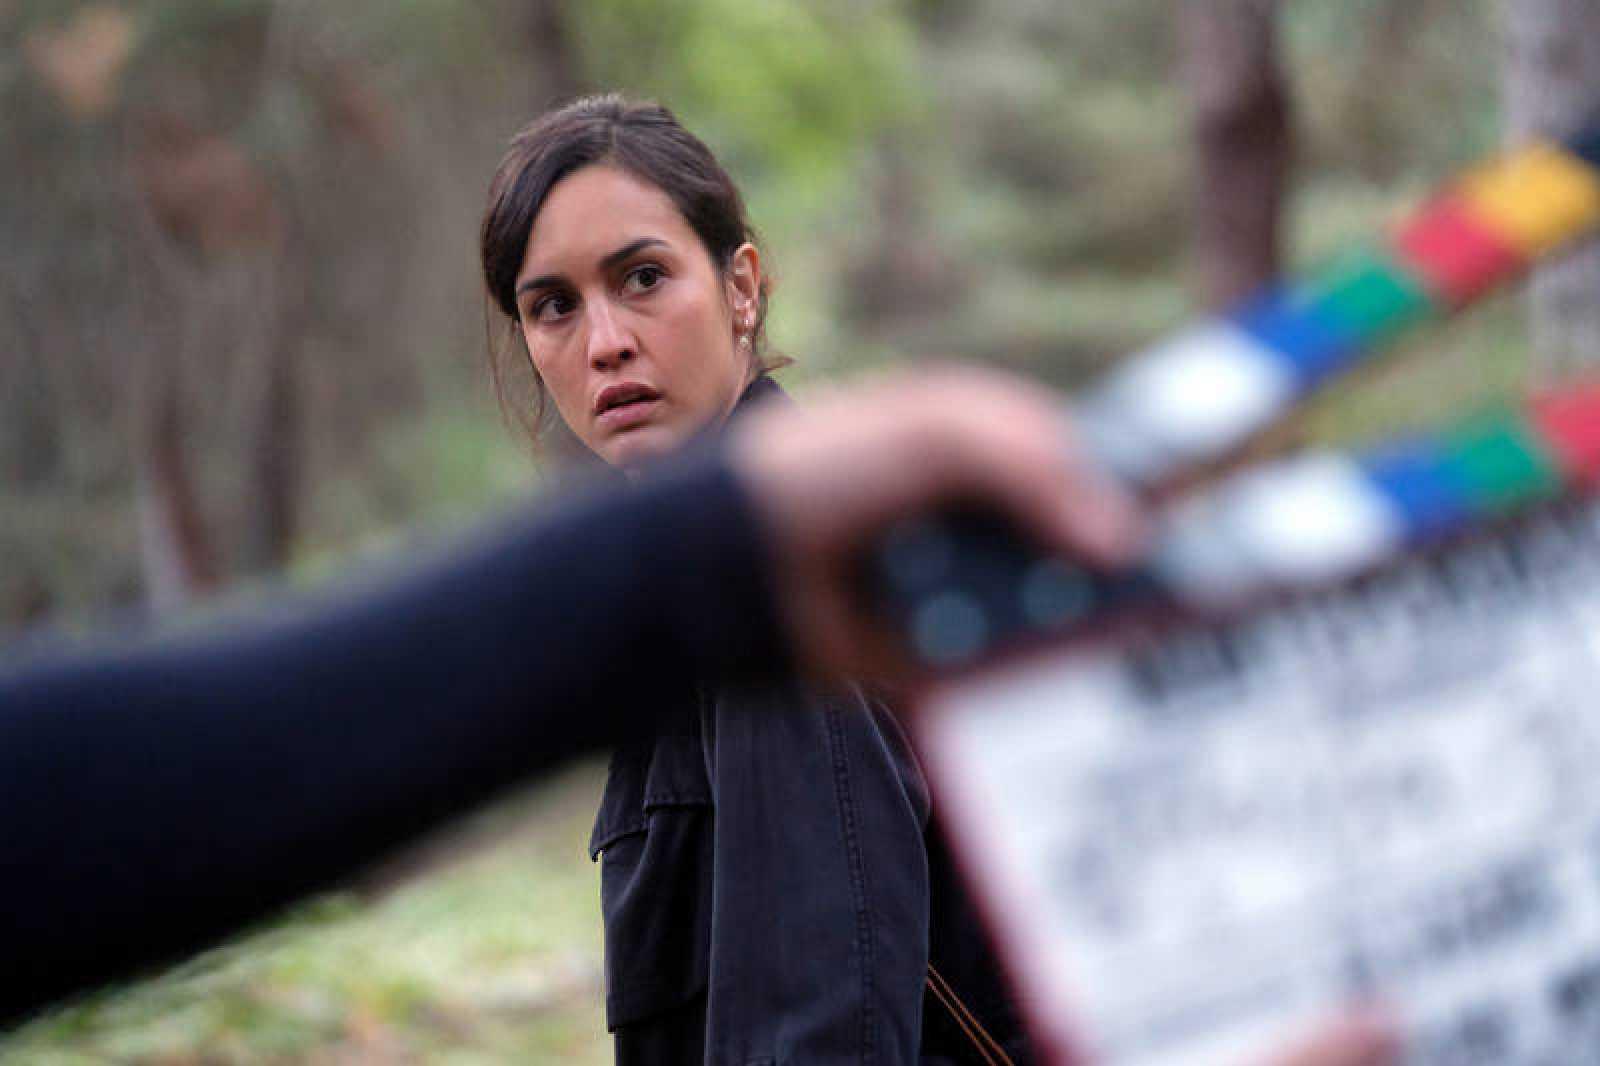 Imagen de La Caza: Monteperdido recibirá un nuevo nombre en su segunda temporada